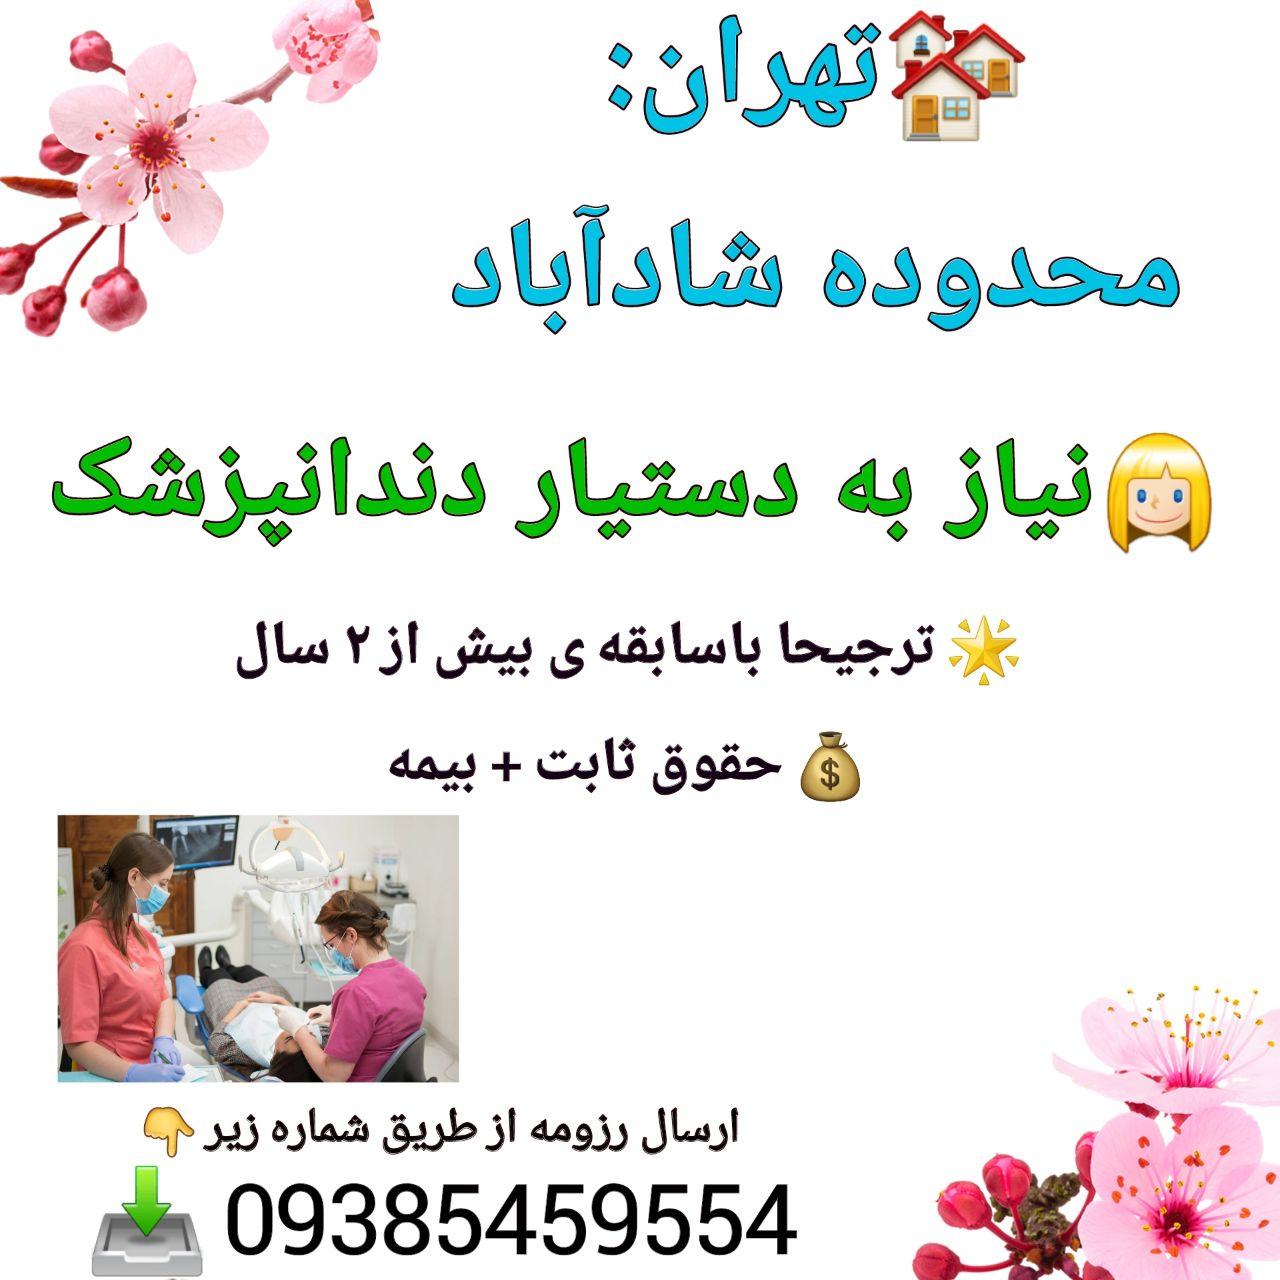 تهران: محدوده شادآباد، نیاز به دستیار دندانپزشک